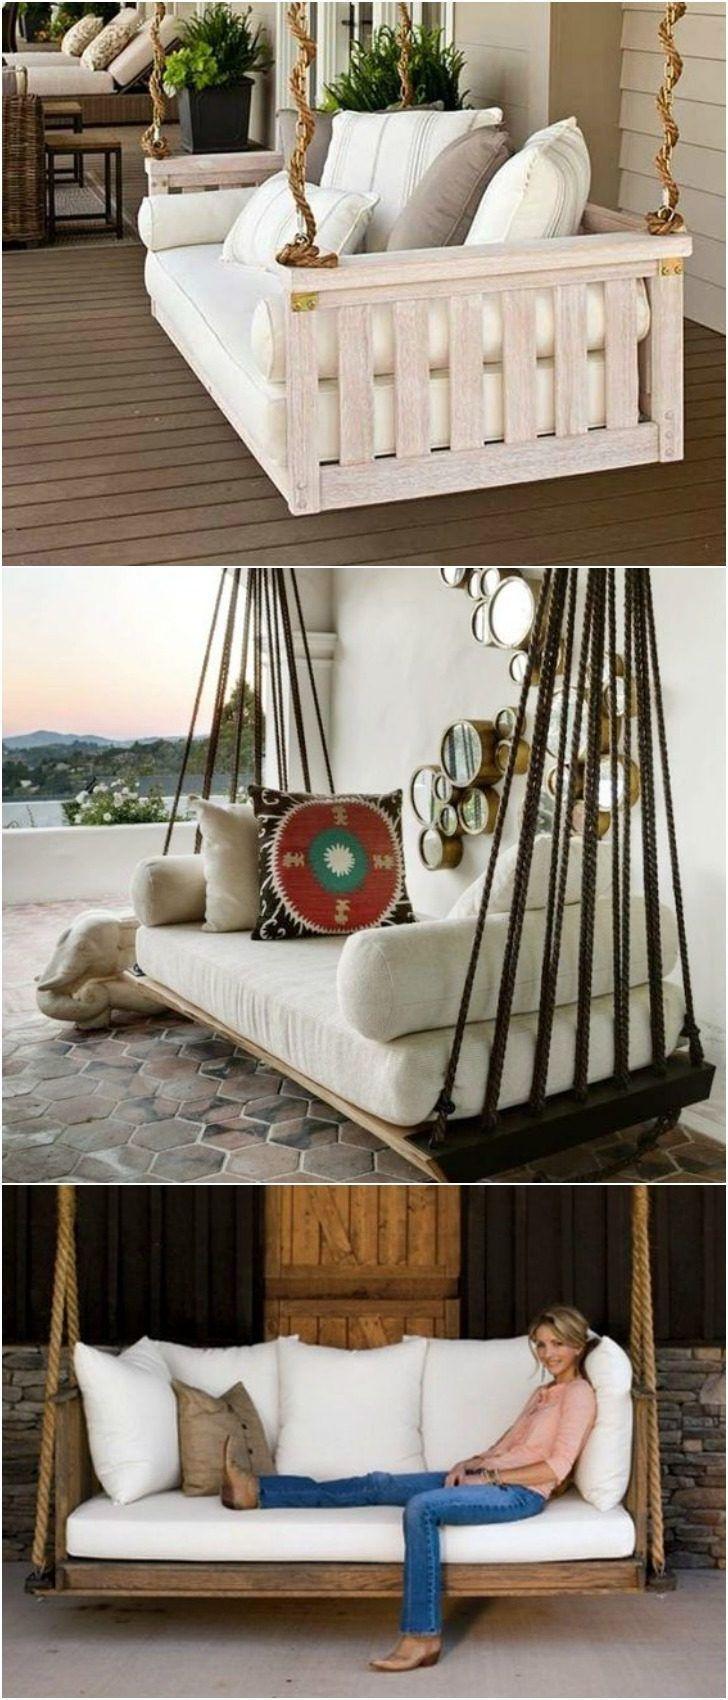 Daybed outdoor selber bauen  Hängebett selber bauen: 44 DIY Ideen für Bett aus Paletten im Garten